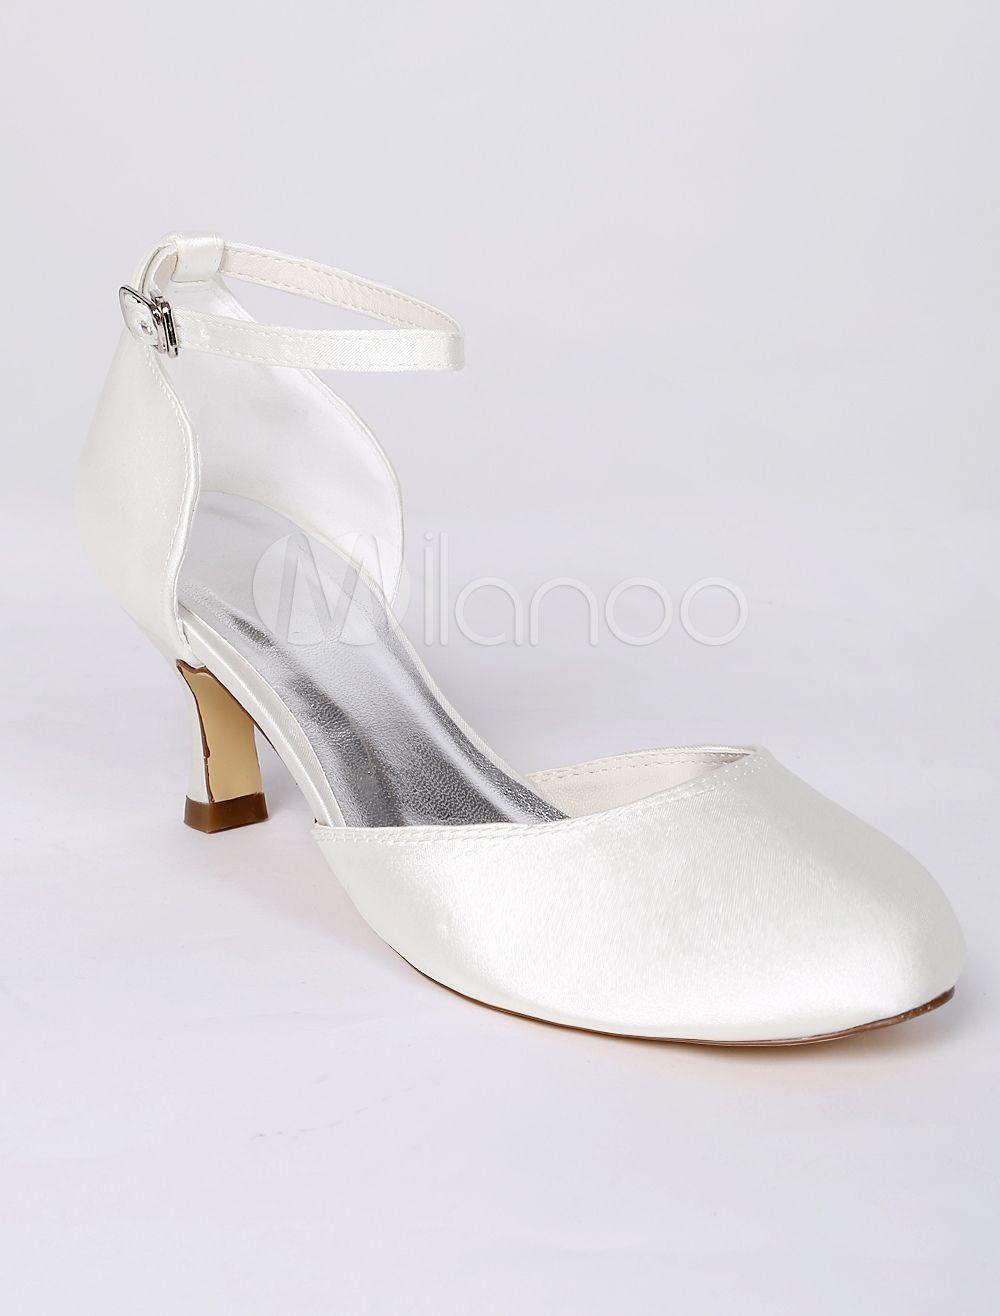 9e474b3d92715 Chaussures de Circonstance 2019 Chaussures mariage soirée ivoire à ...